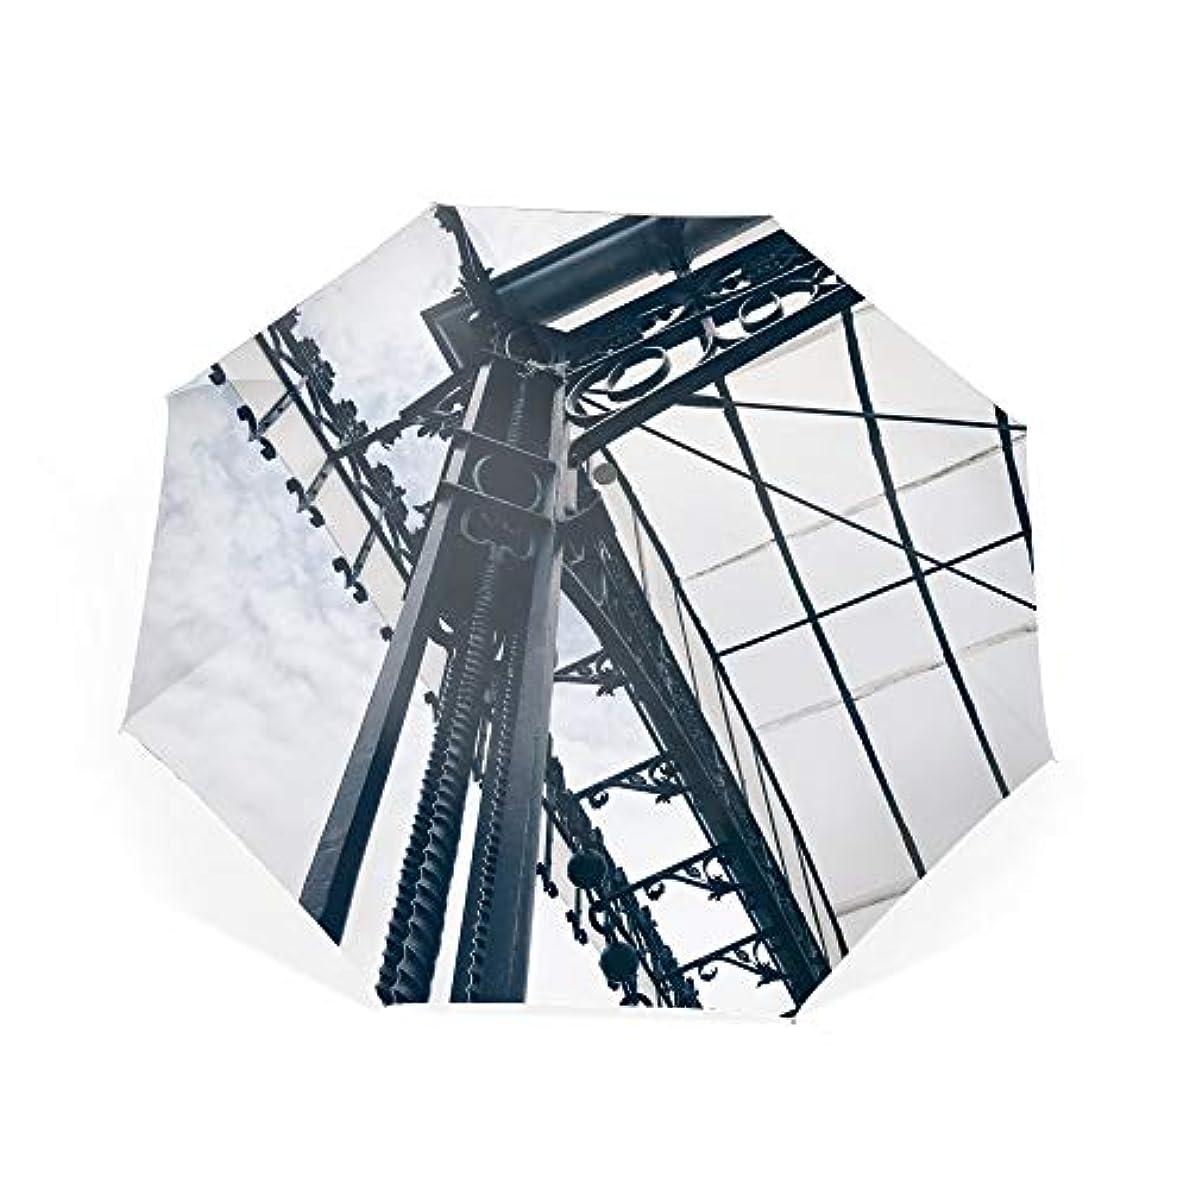 太字無許可水族館折りたたみ傘 抽象メタルスカイホワイト 日傘 晴雨兼用 遮光 遮熱 UPF50 UV 紫外線 99% カット 大型 88cm レディース 8本骨